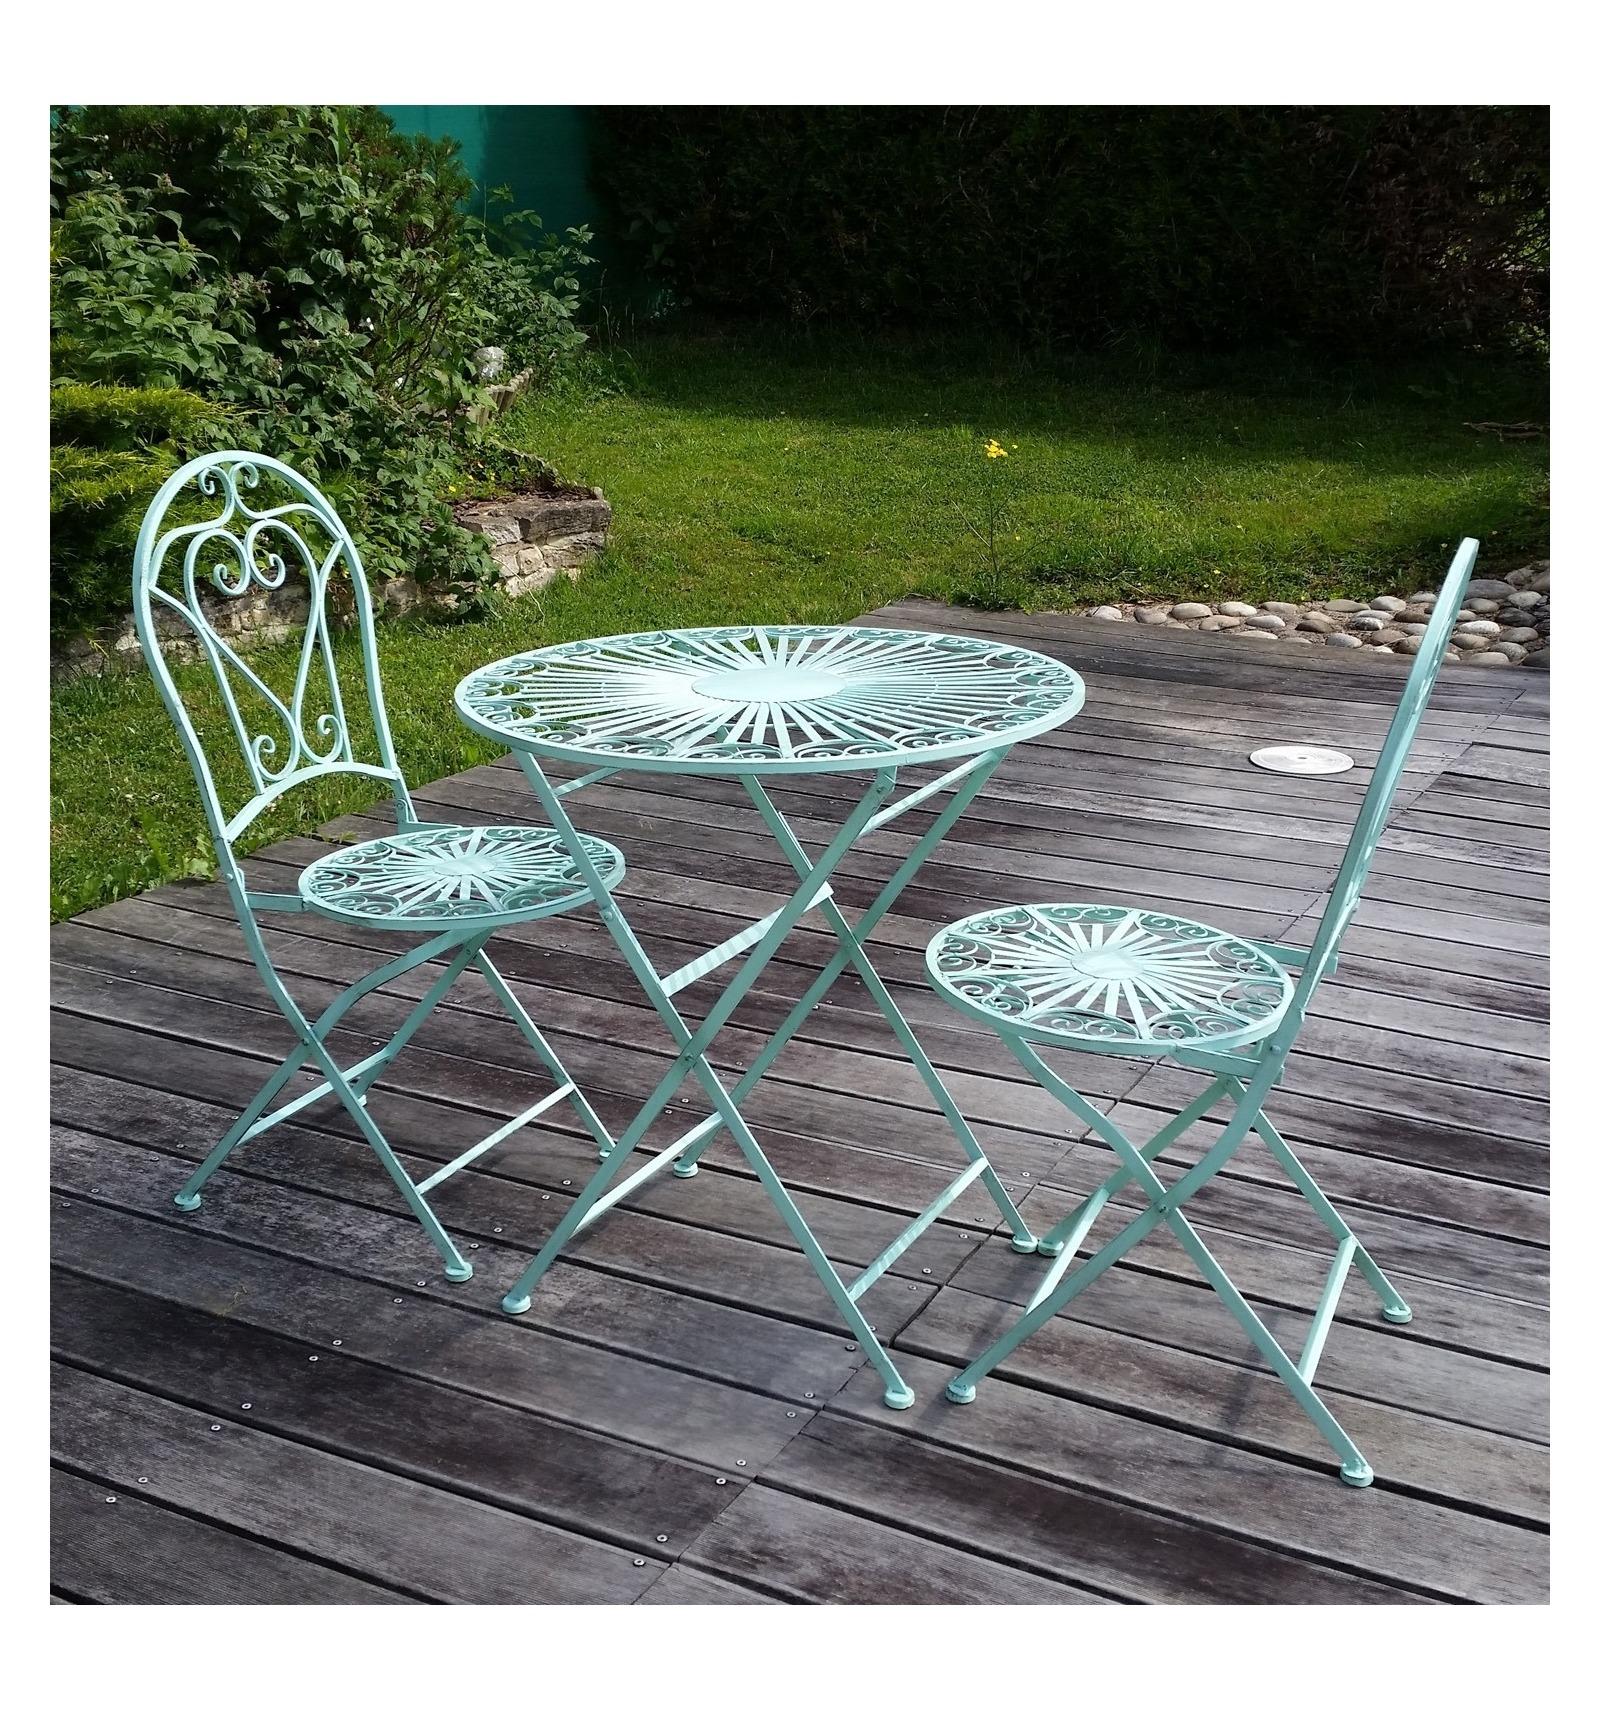 Mobili da giardino in ferro battuto 2 sedie - Mobili da giardino in ferro ...